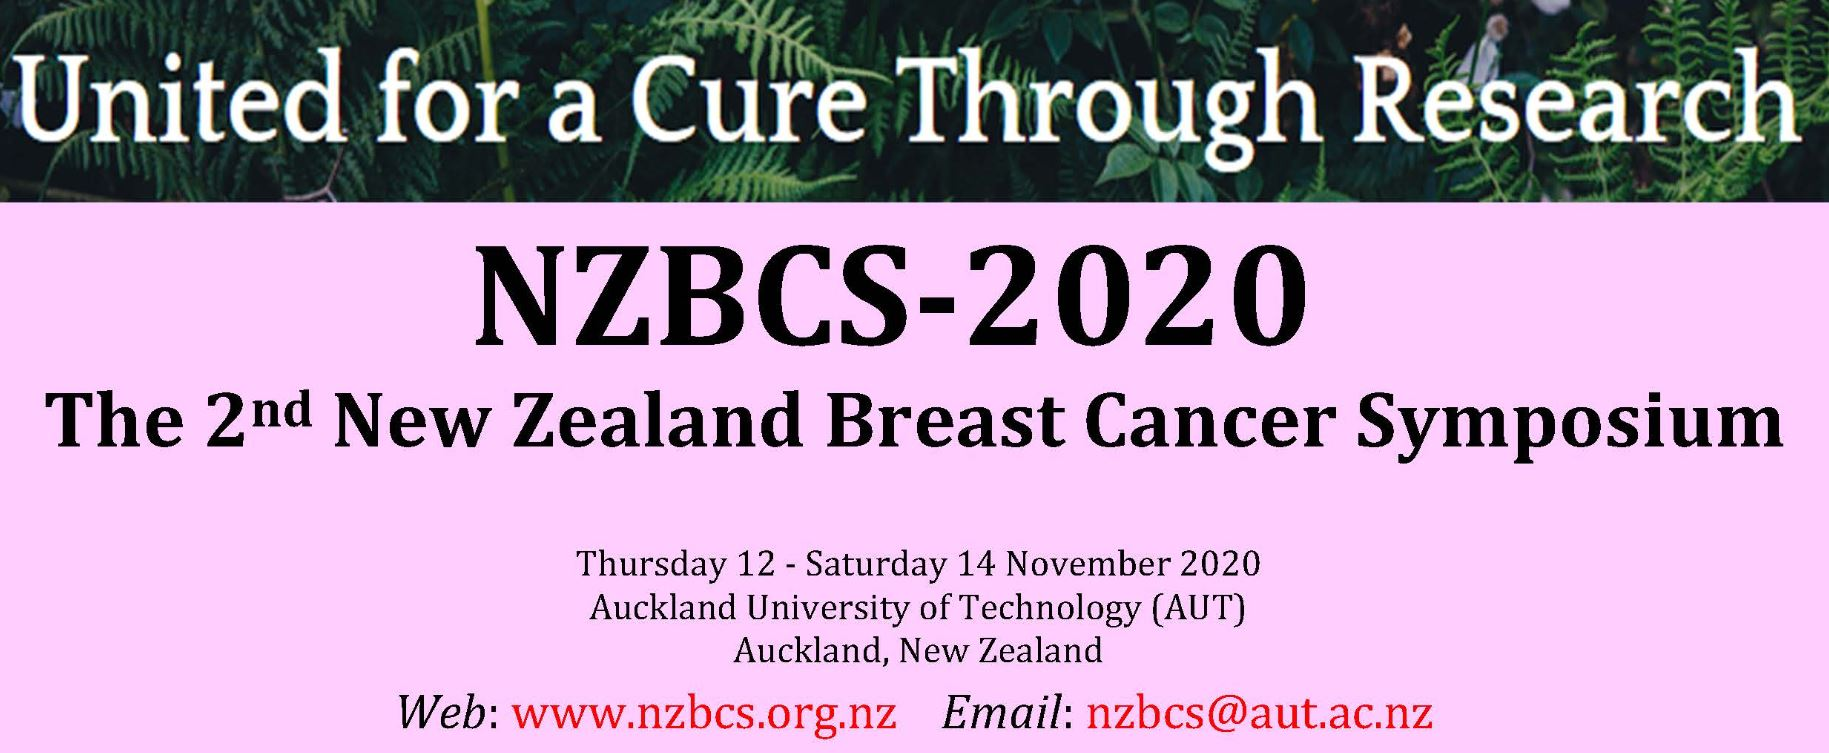 2-й новозеландский симпозиум, посвященный раку молочной железы NZBCS 2020